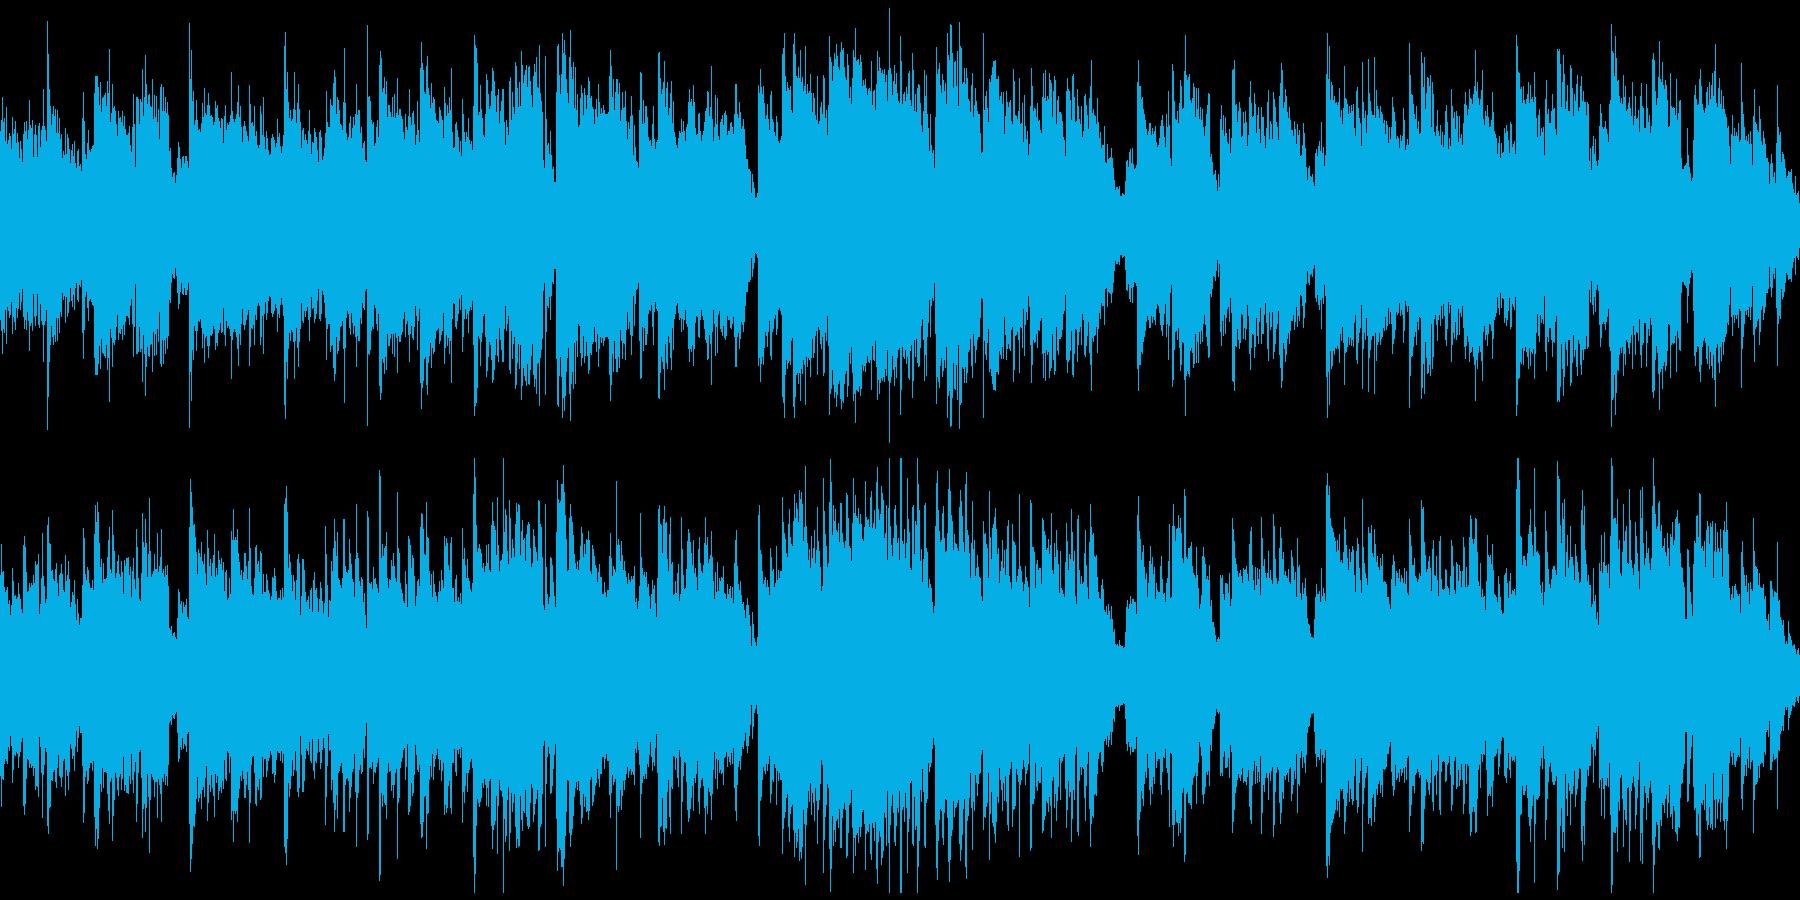 短調の和風曲、壮大、ゆっくり ※ループ版の再生済みの波形